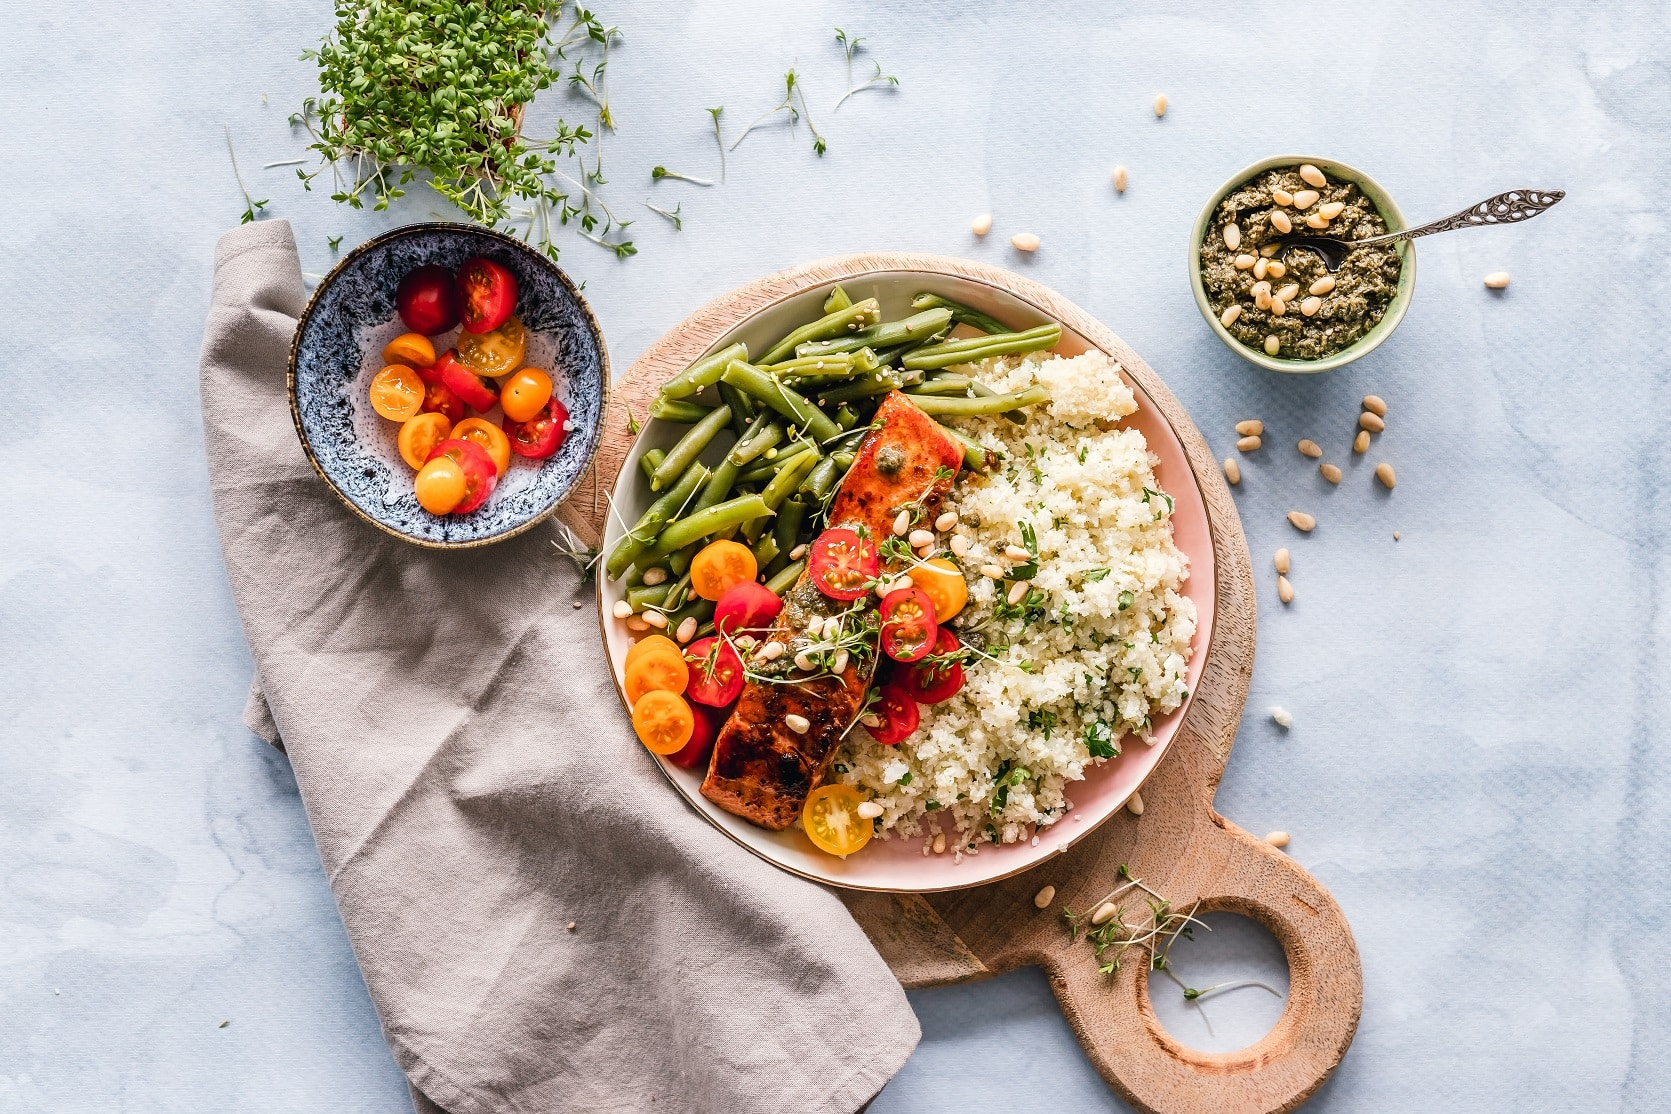 Na czym polega dieta redukcyjna? Zasady i posiłki